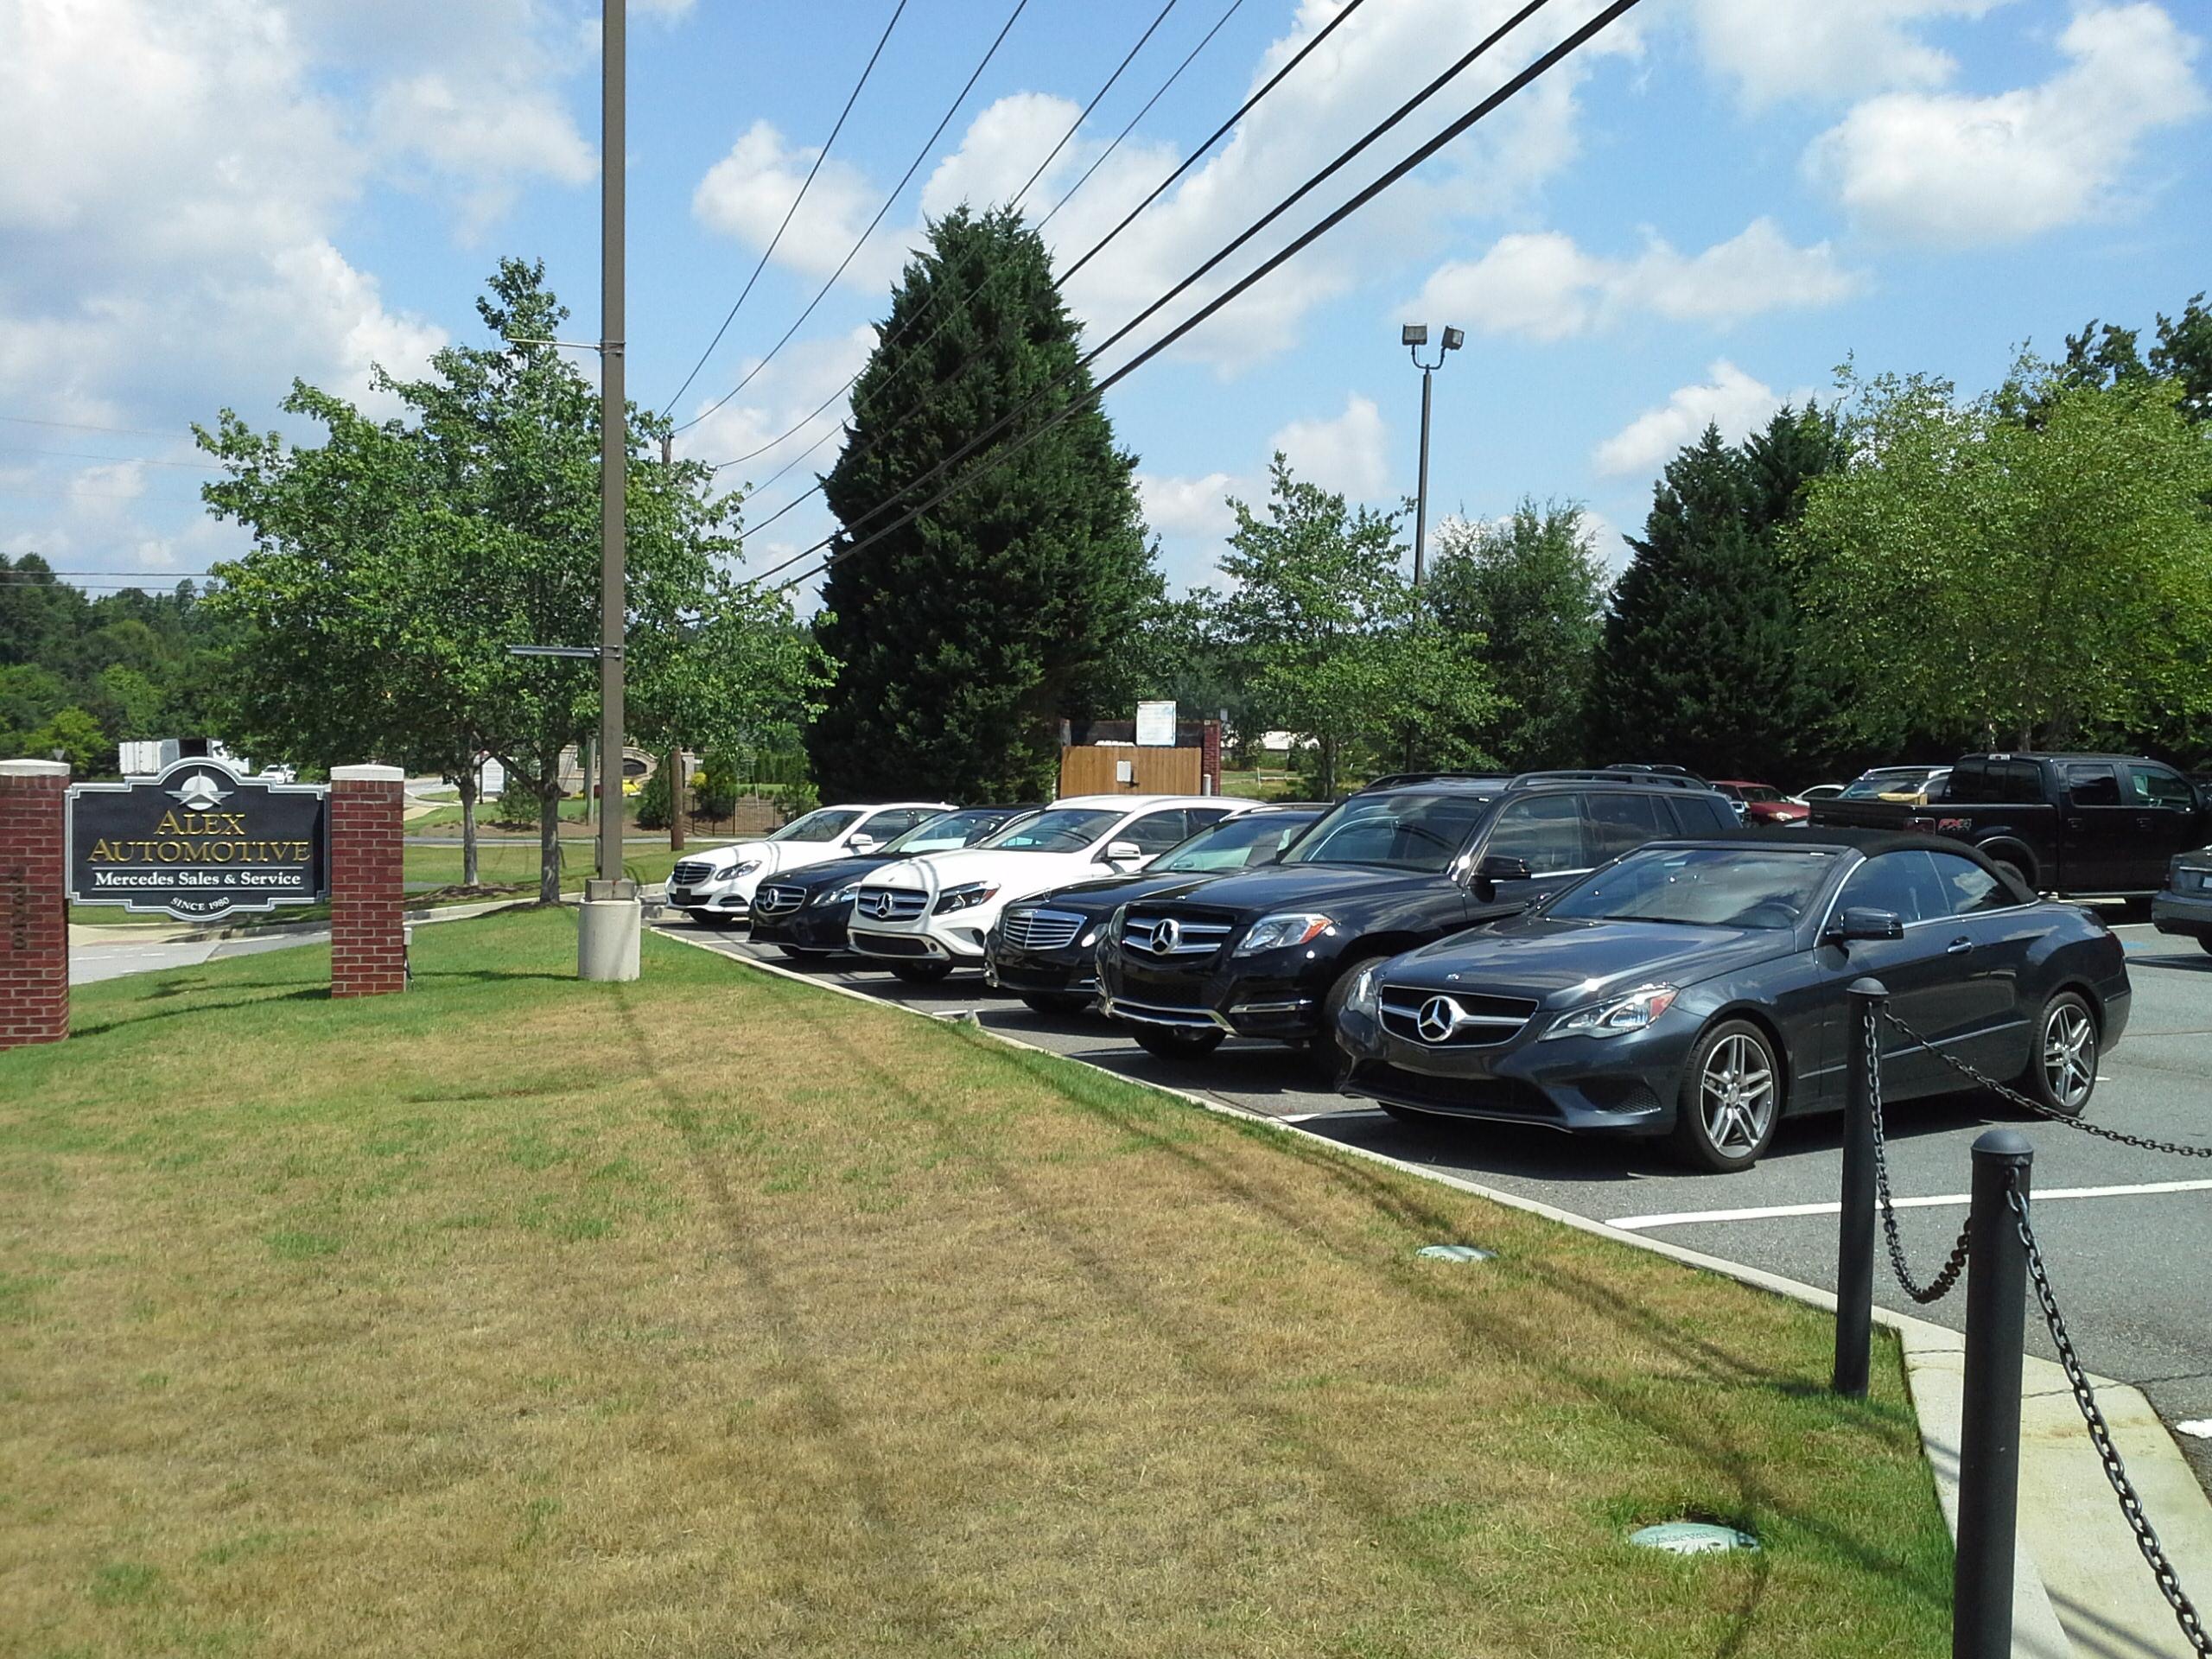 Alex Automotive Mercedes Sales & Service image 0